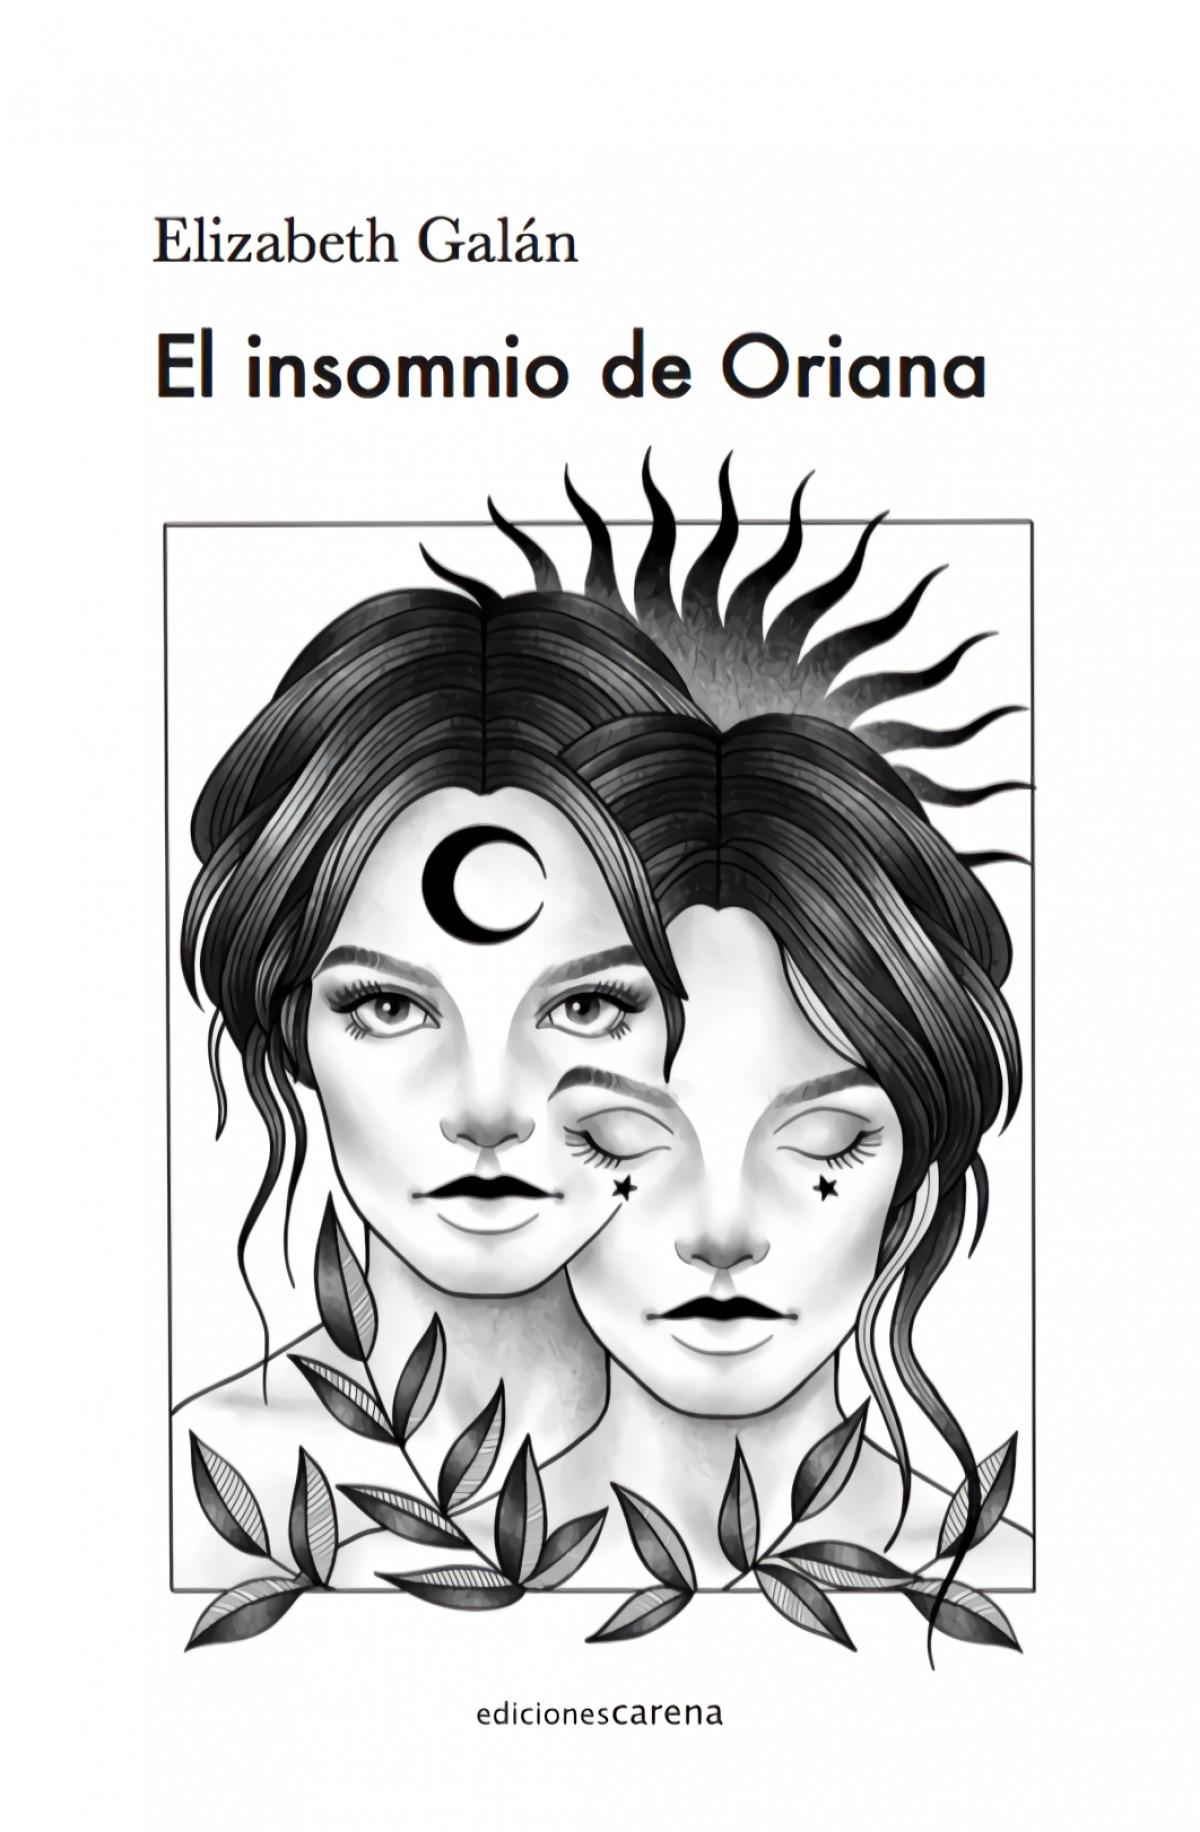 El insomnio de Oriana